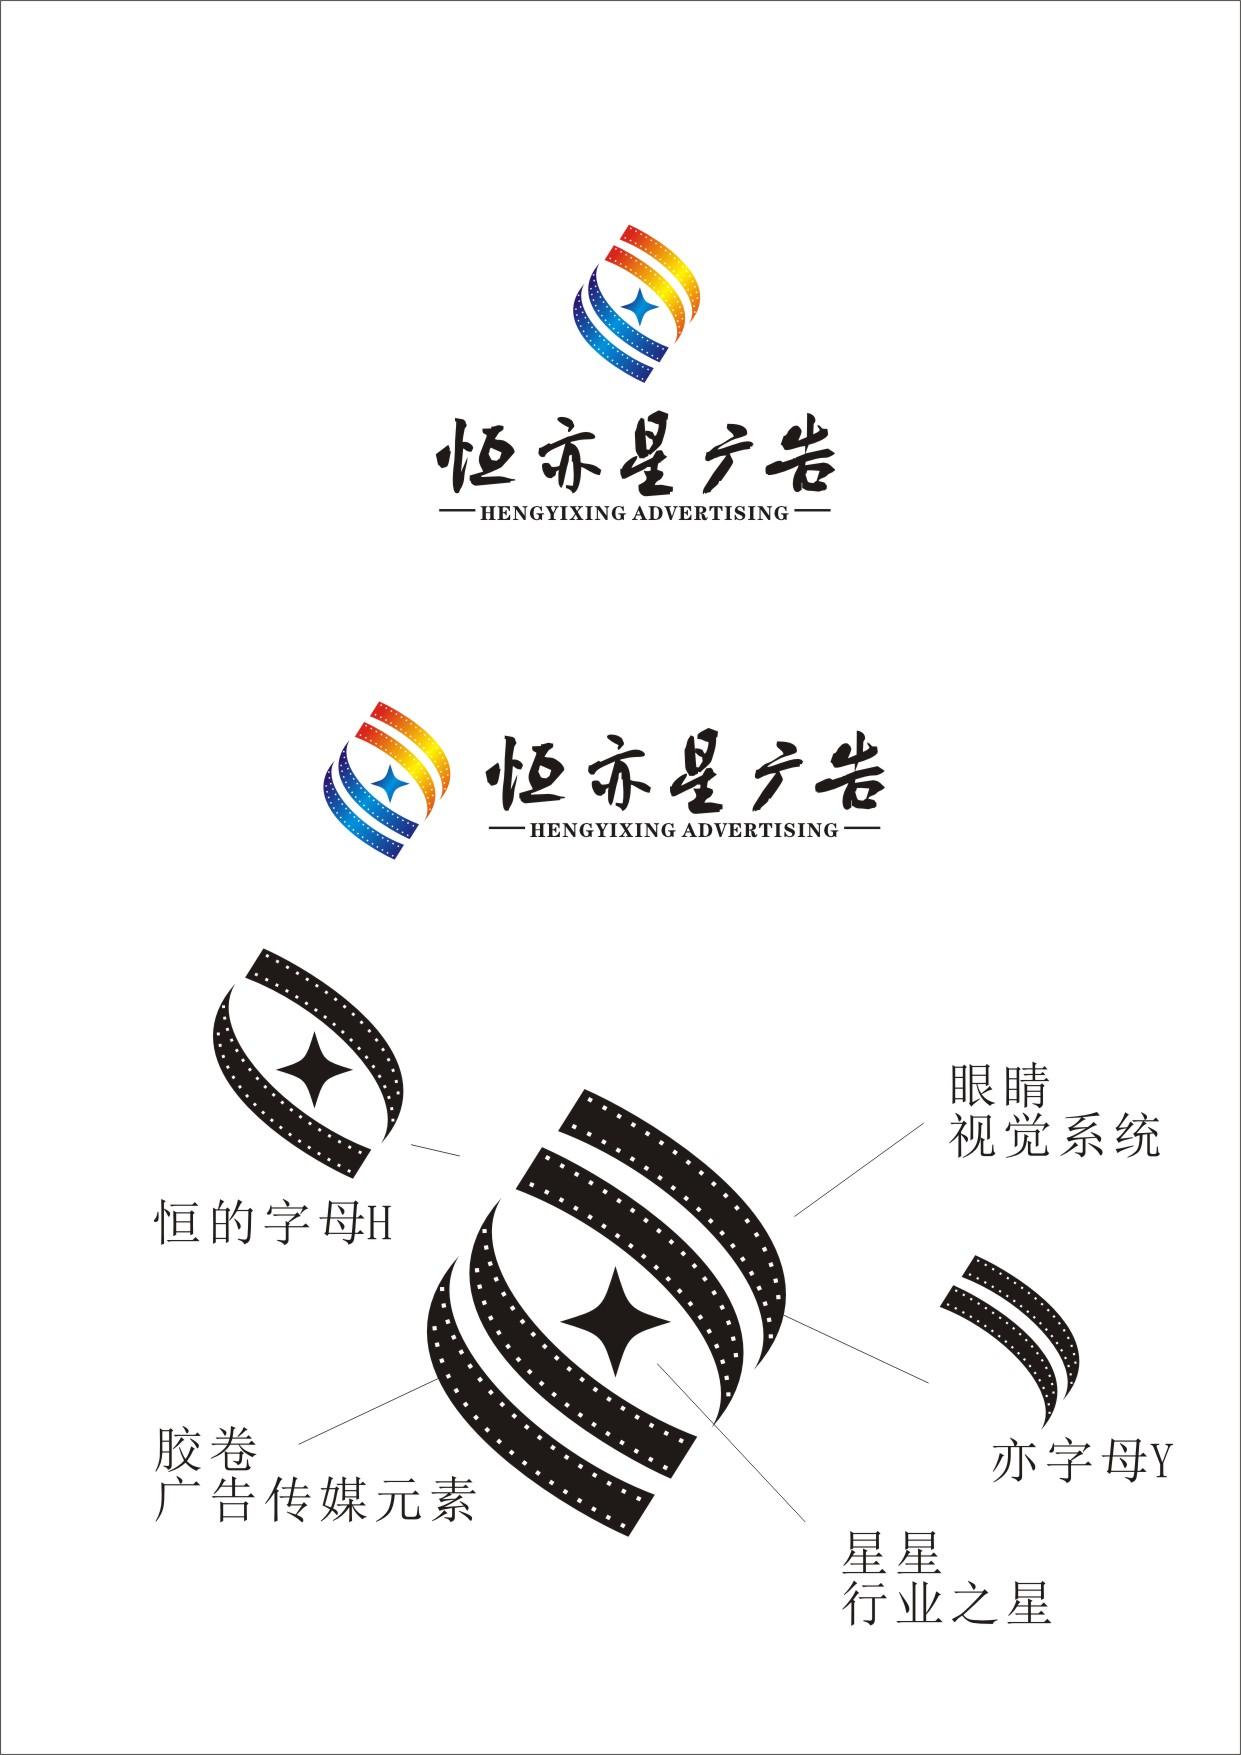 恒亦星广告传媒logo设计_3036861_k68威客网